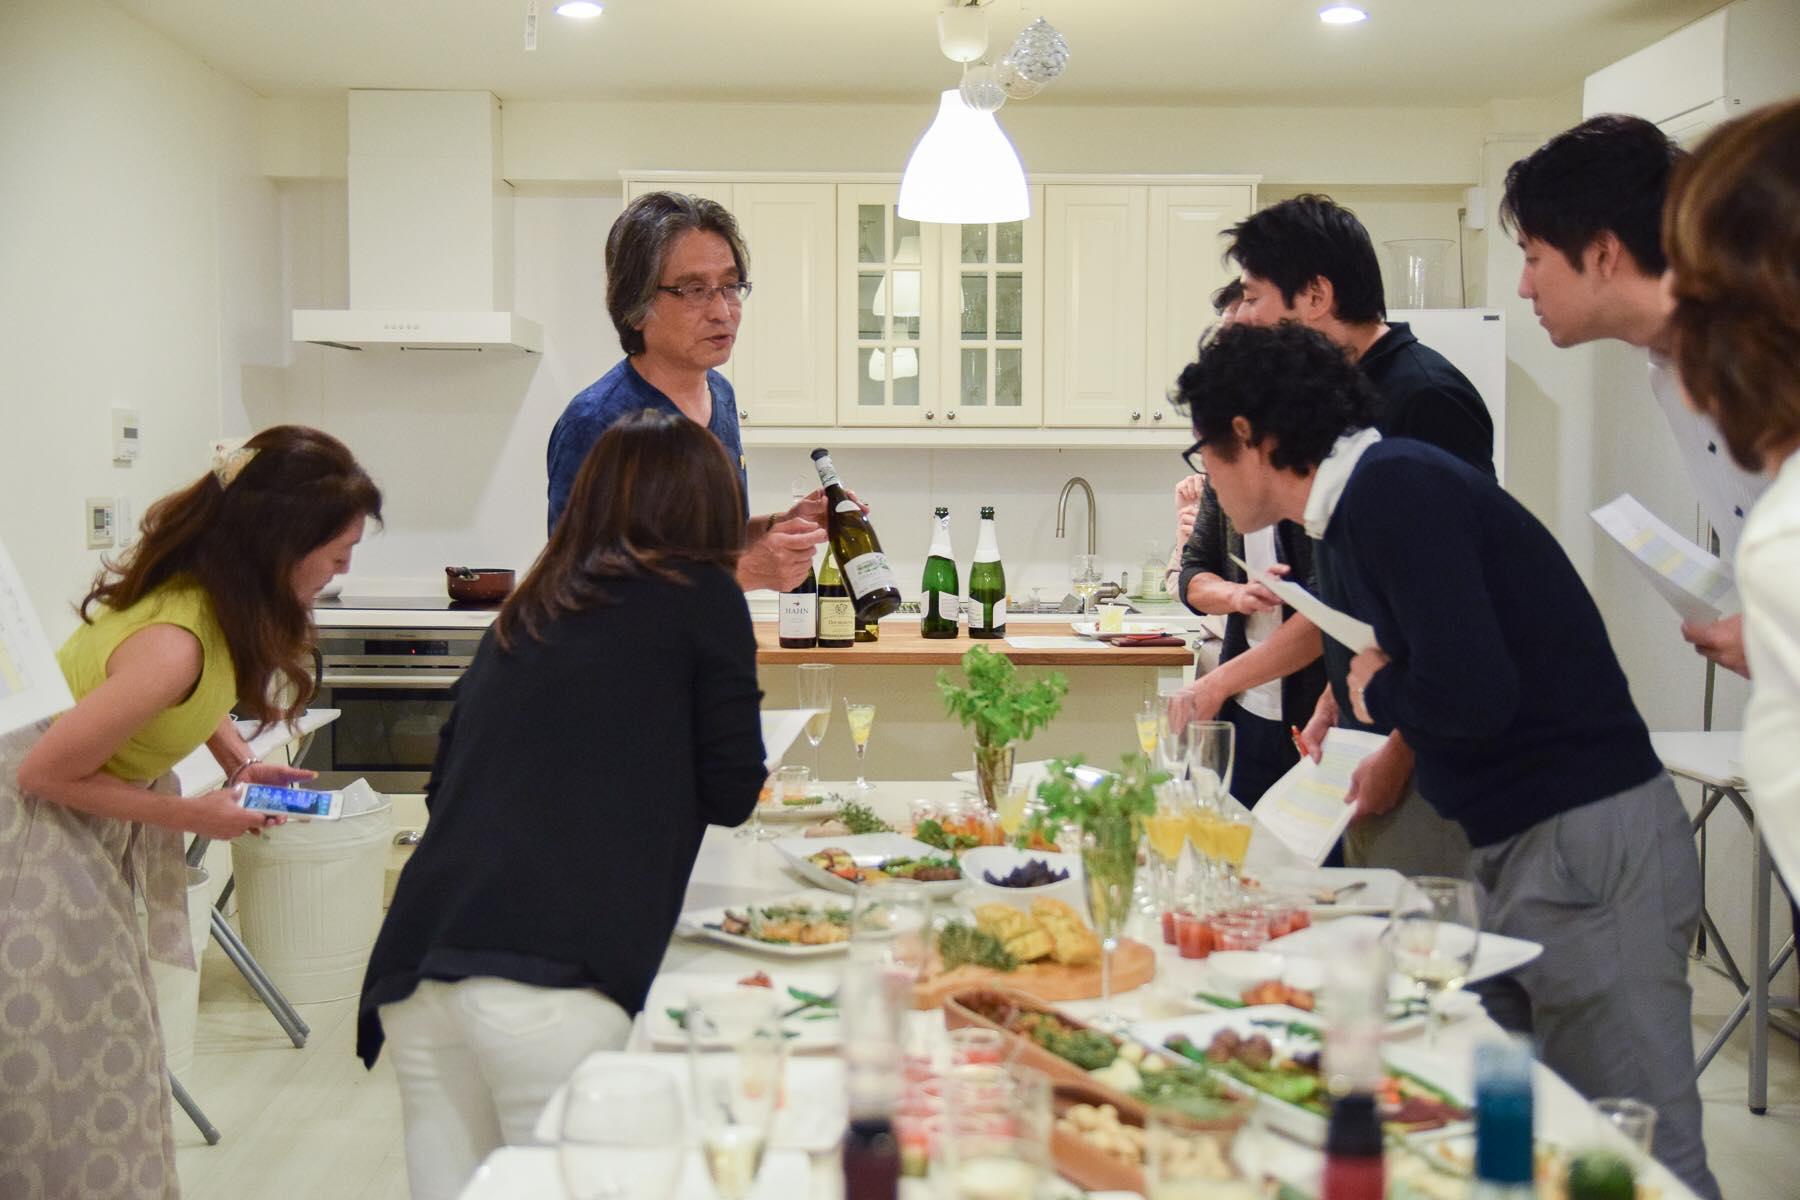 ◆終了◆ 2020.01.18 グローバルワインセミナー & テイスティング懇親会 セッション#2